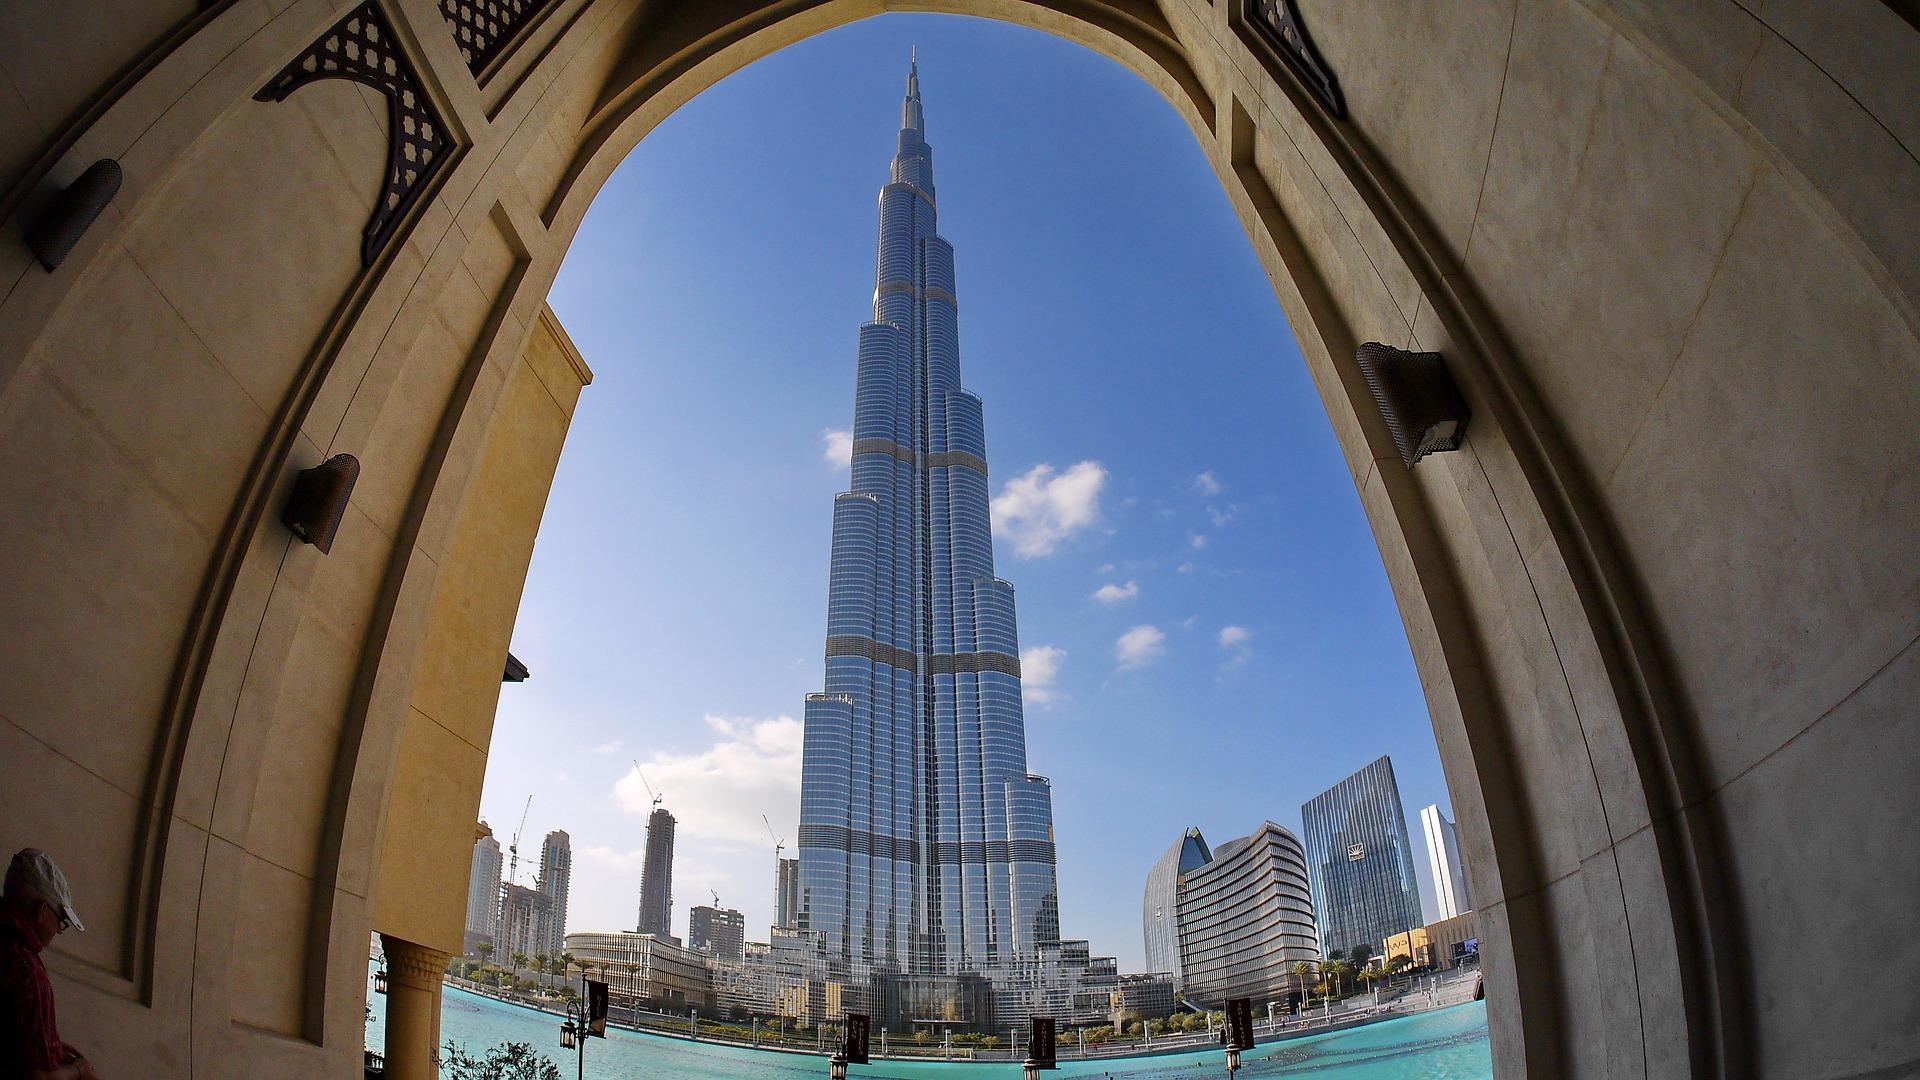 BurjKhalifa in Dubai